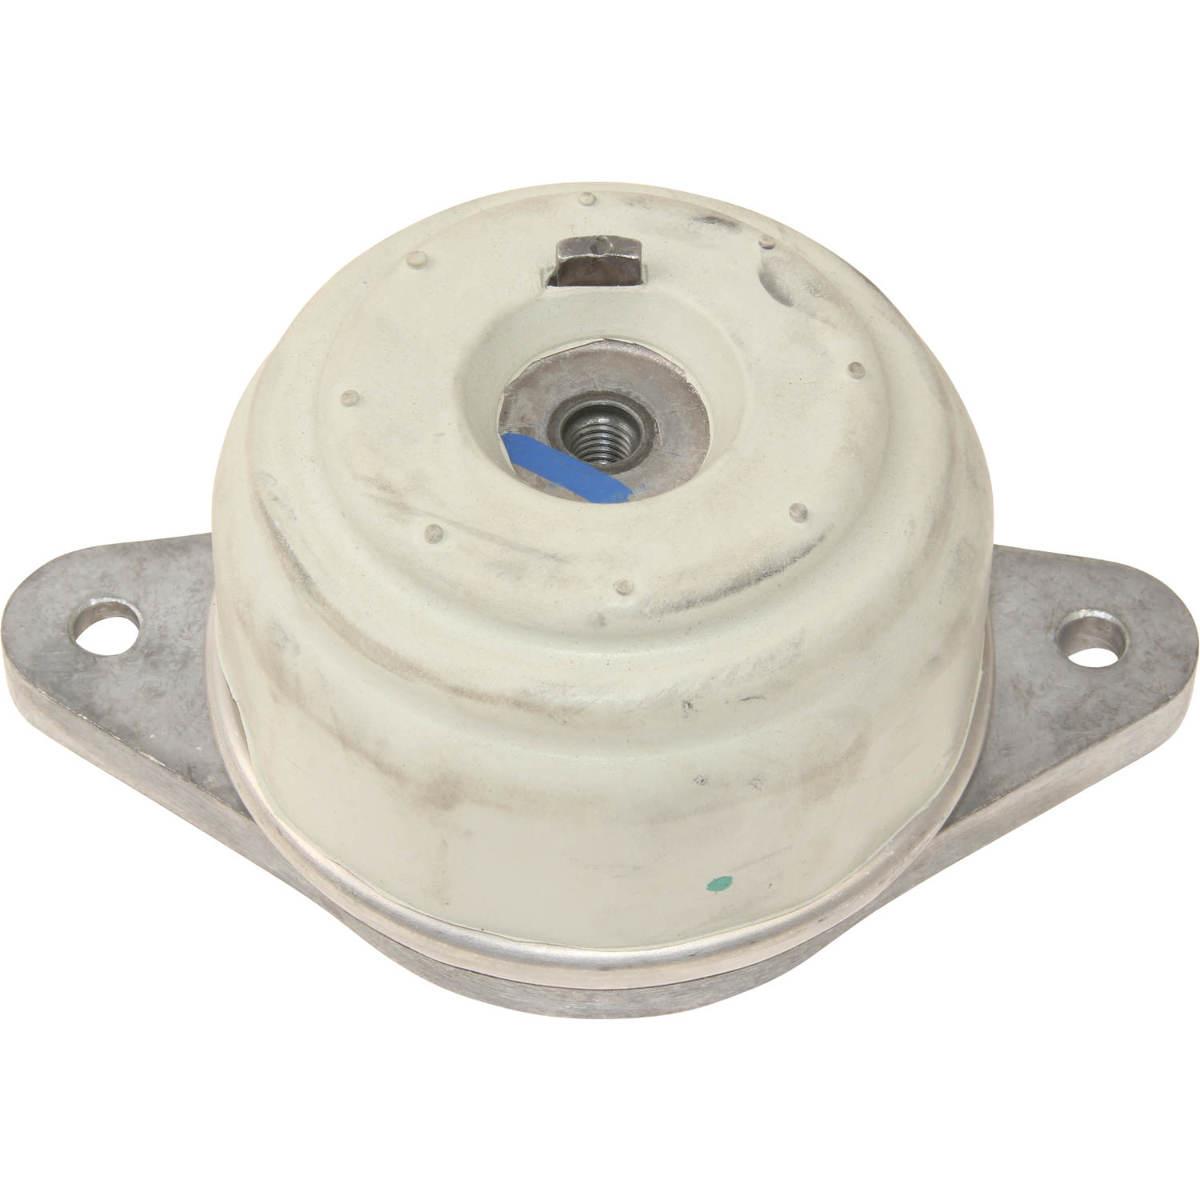 305 350 - 18-7268 307 GM V8 AC Mechanical Fuel Pump 400 c.i